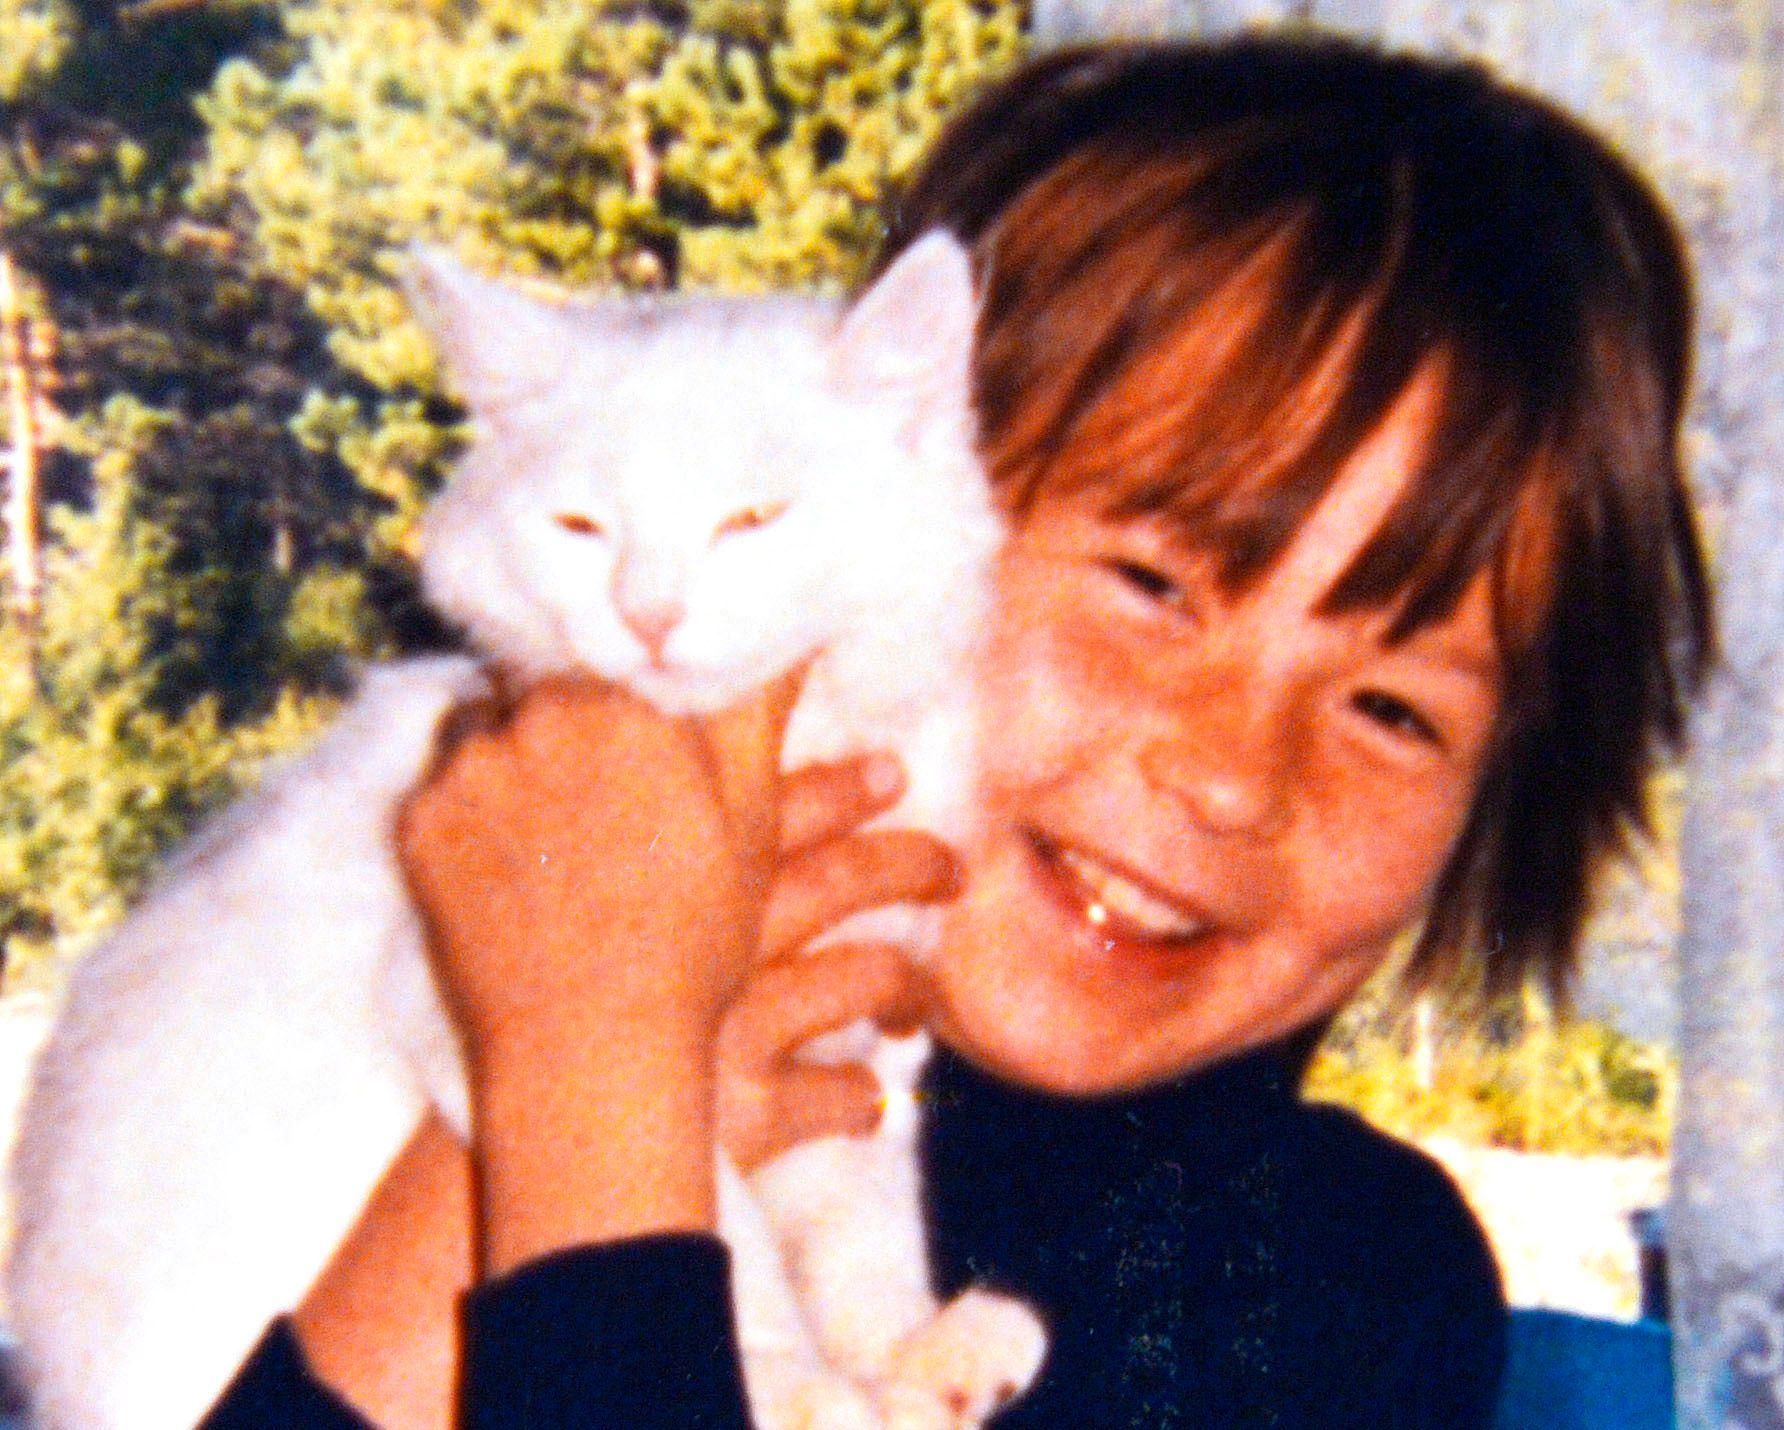 «LIV» (6): Noen år etter at dette bildet ble tatt, ble faren dømt for grove overgrep mot henne og flere andre barn i det samiske nærmiljøet.